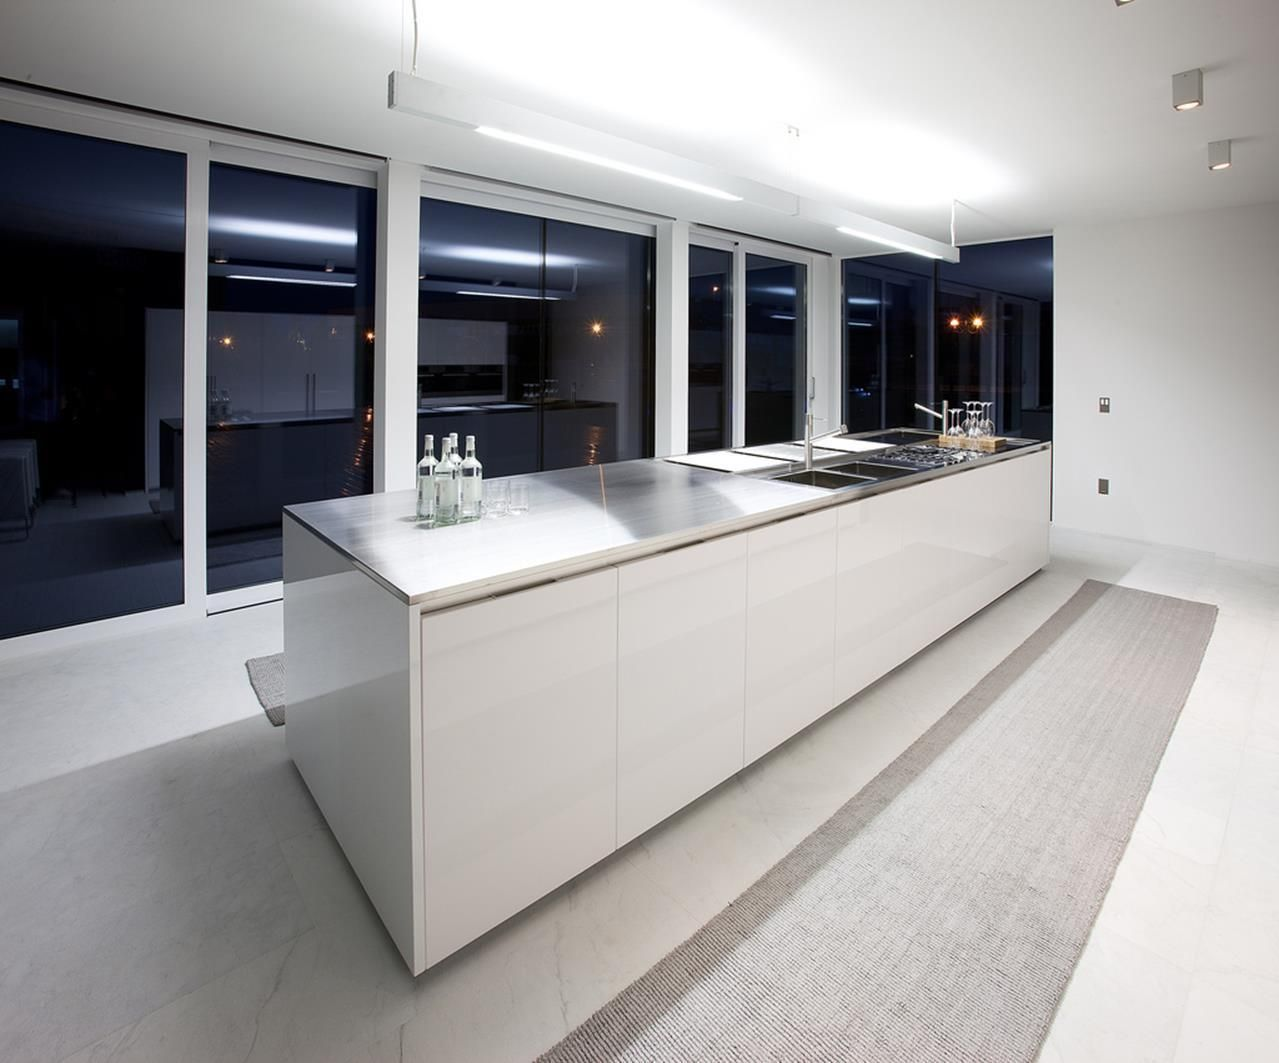 Stunning Ultra Modern Kitchen Island Design Ideas Craft And Home Ideas Kitchen Interior Design Modern Modern Kitchen Island Design Minimalist Home Decor